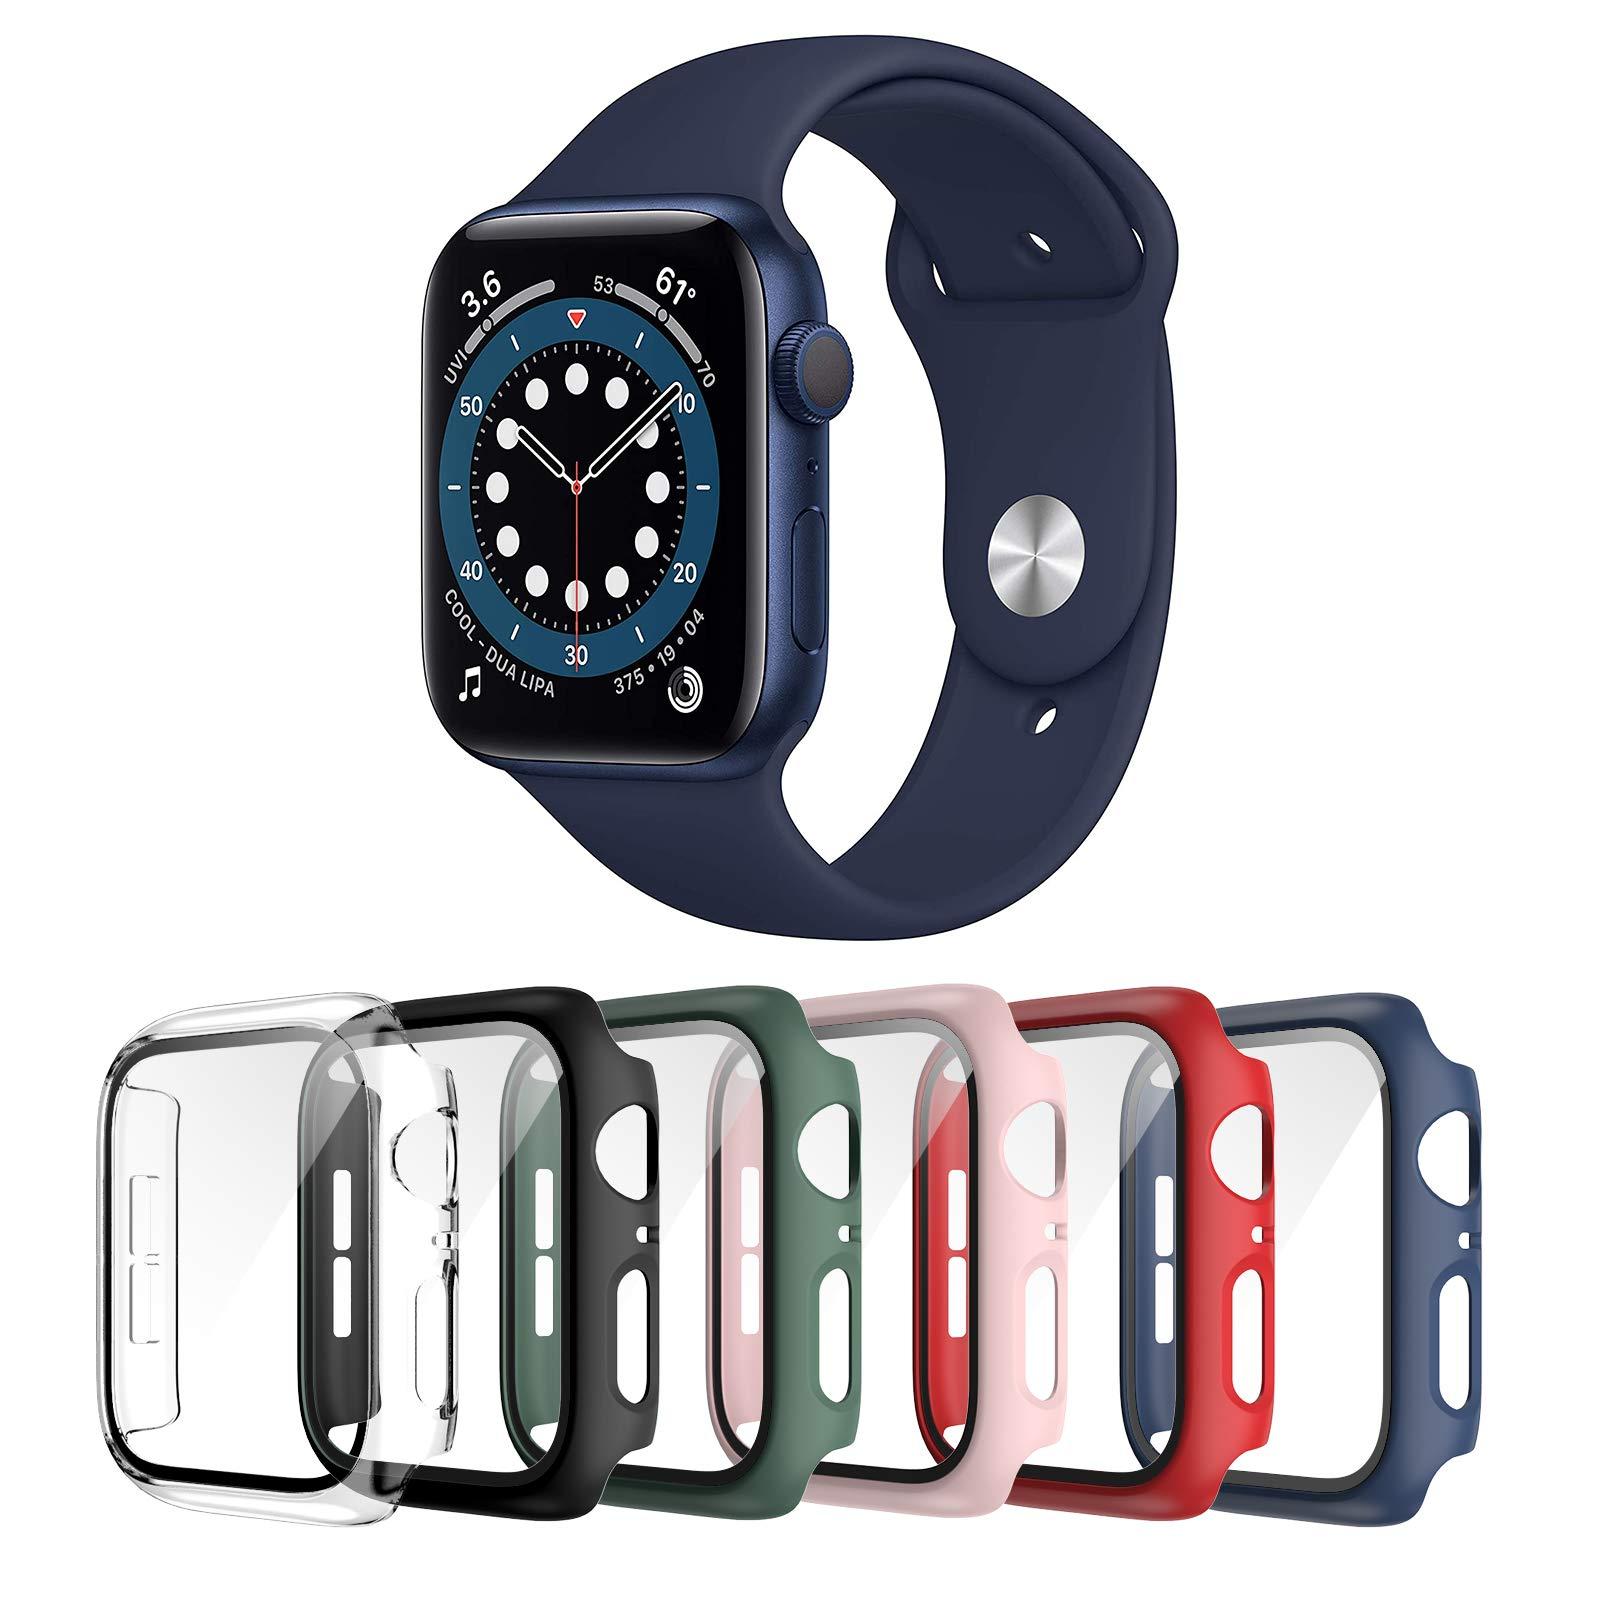 Landhoo 6 Pack case for Apple Watch Series 3 Series 2 38mm